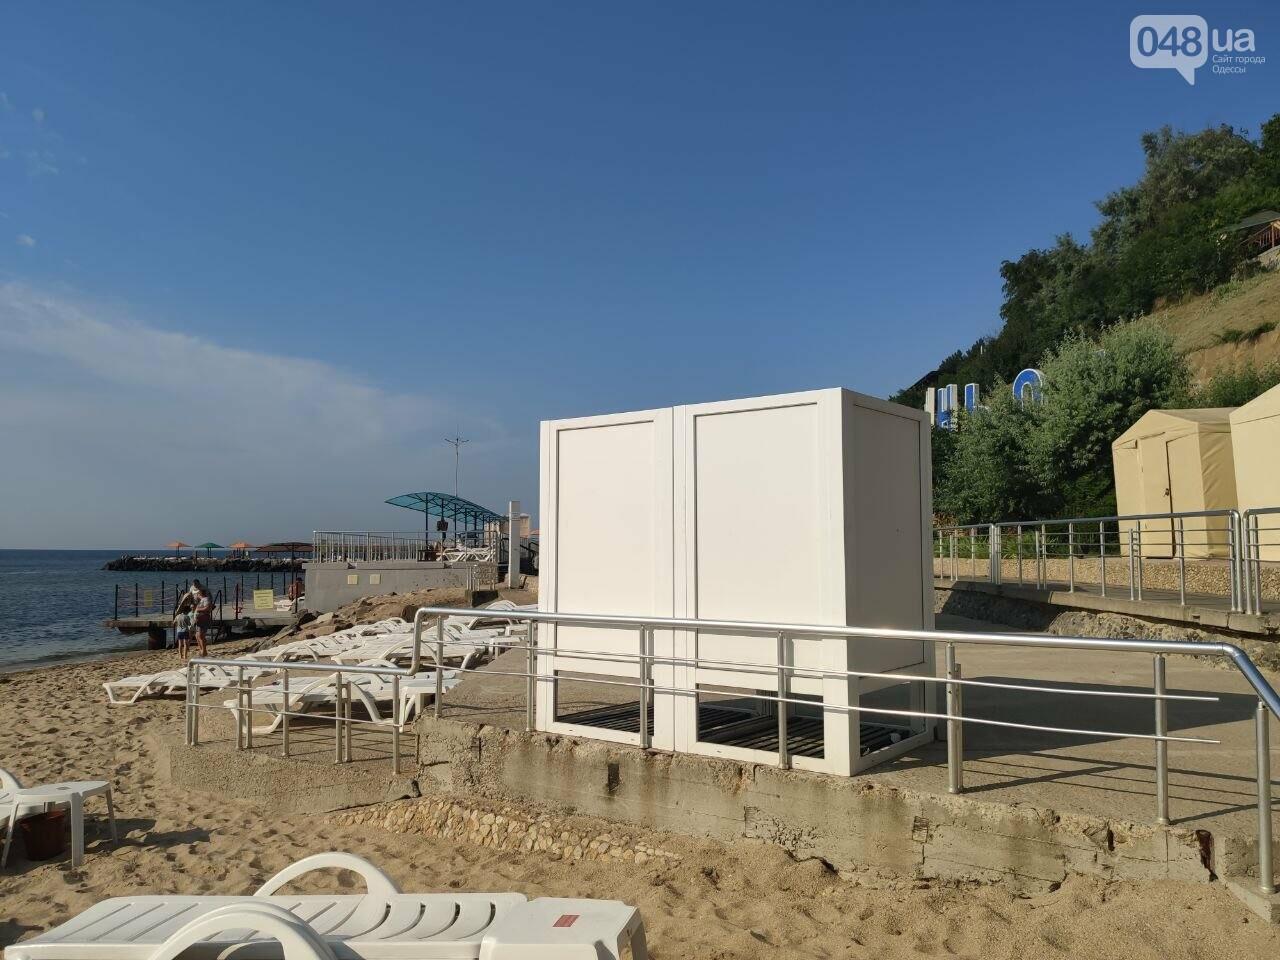 Пляж на Совиньоне под Одессой: что находится на закрытой территории и как туда попасть, - ФОТО, фото-7